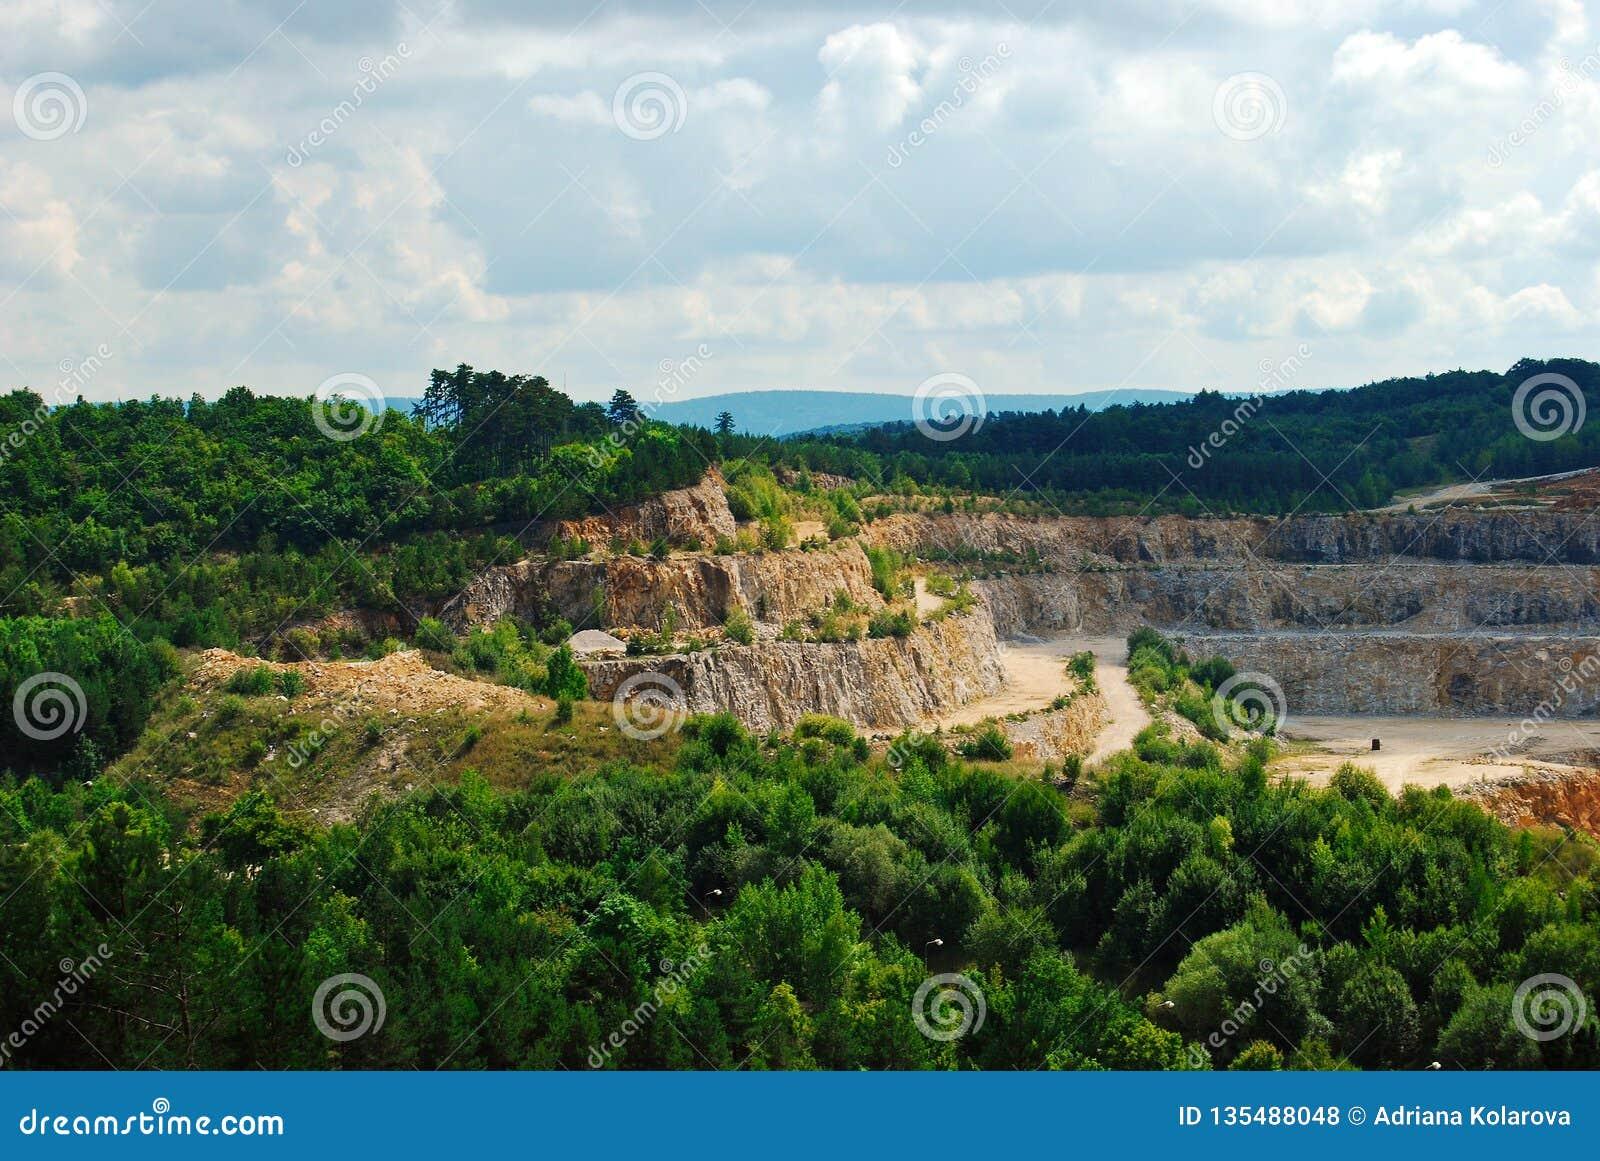 Cuevas de Koneprusy en la República Checa, verano